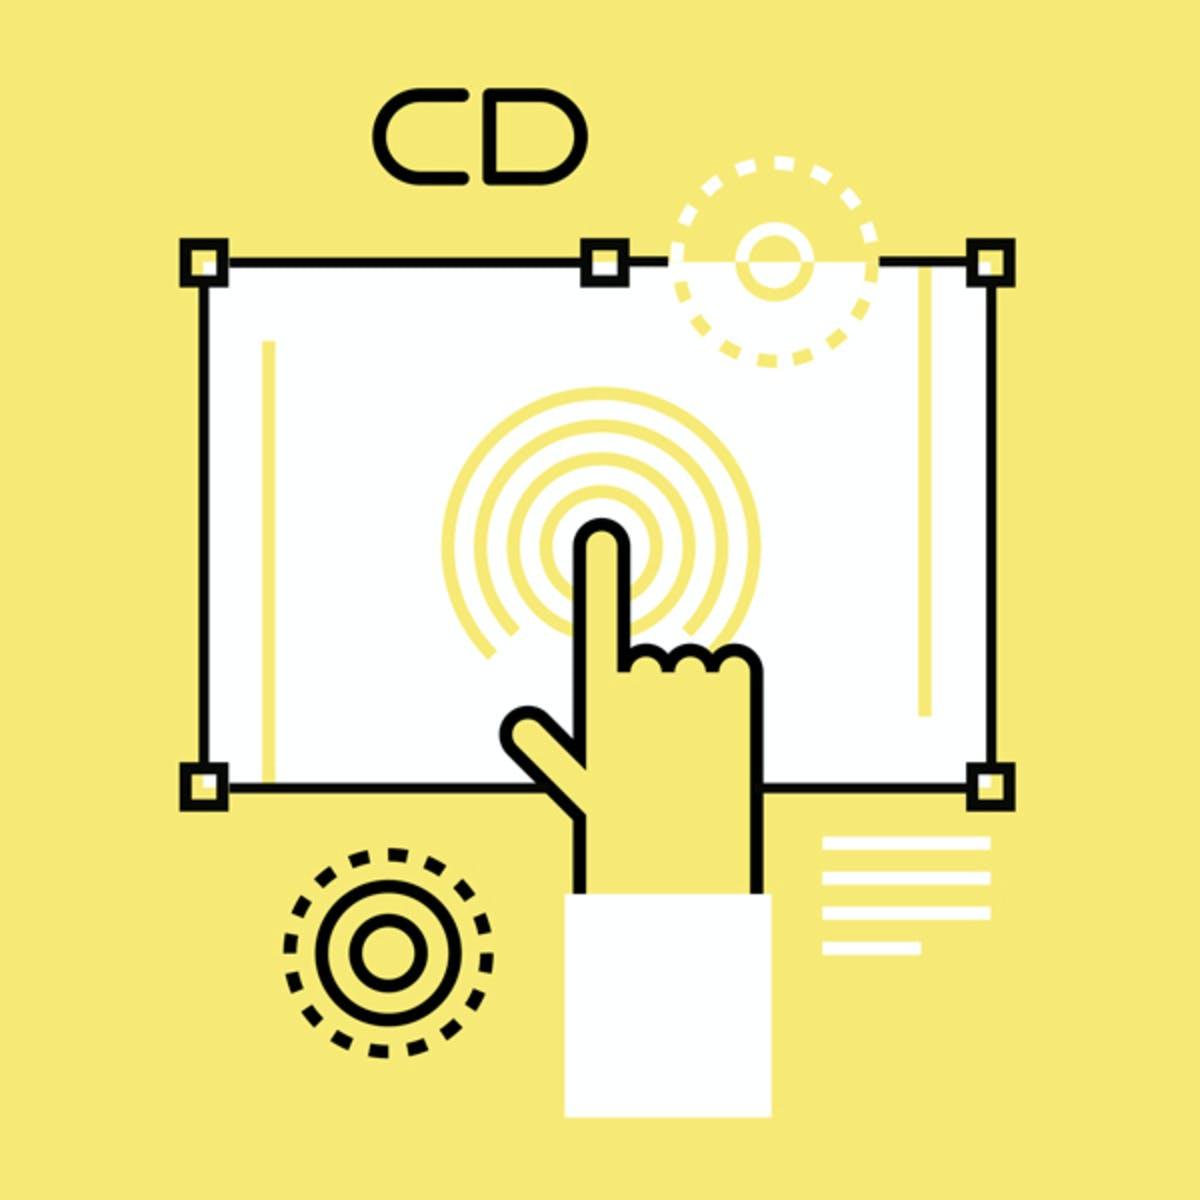 Развитие и карьера дизайнера интерфейсов